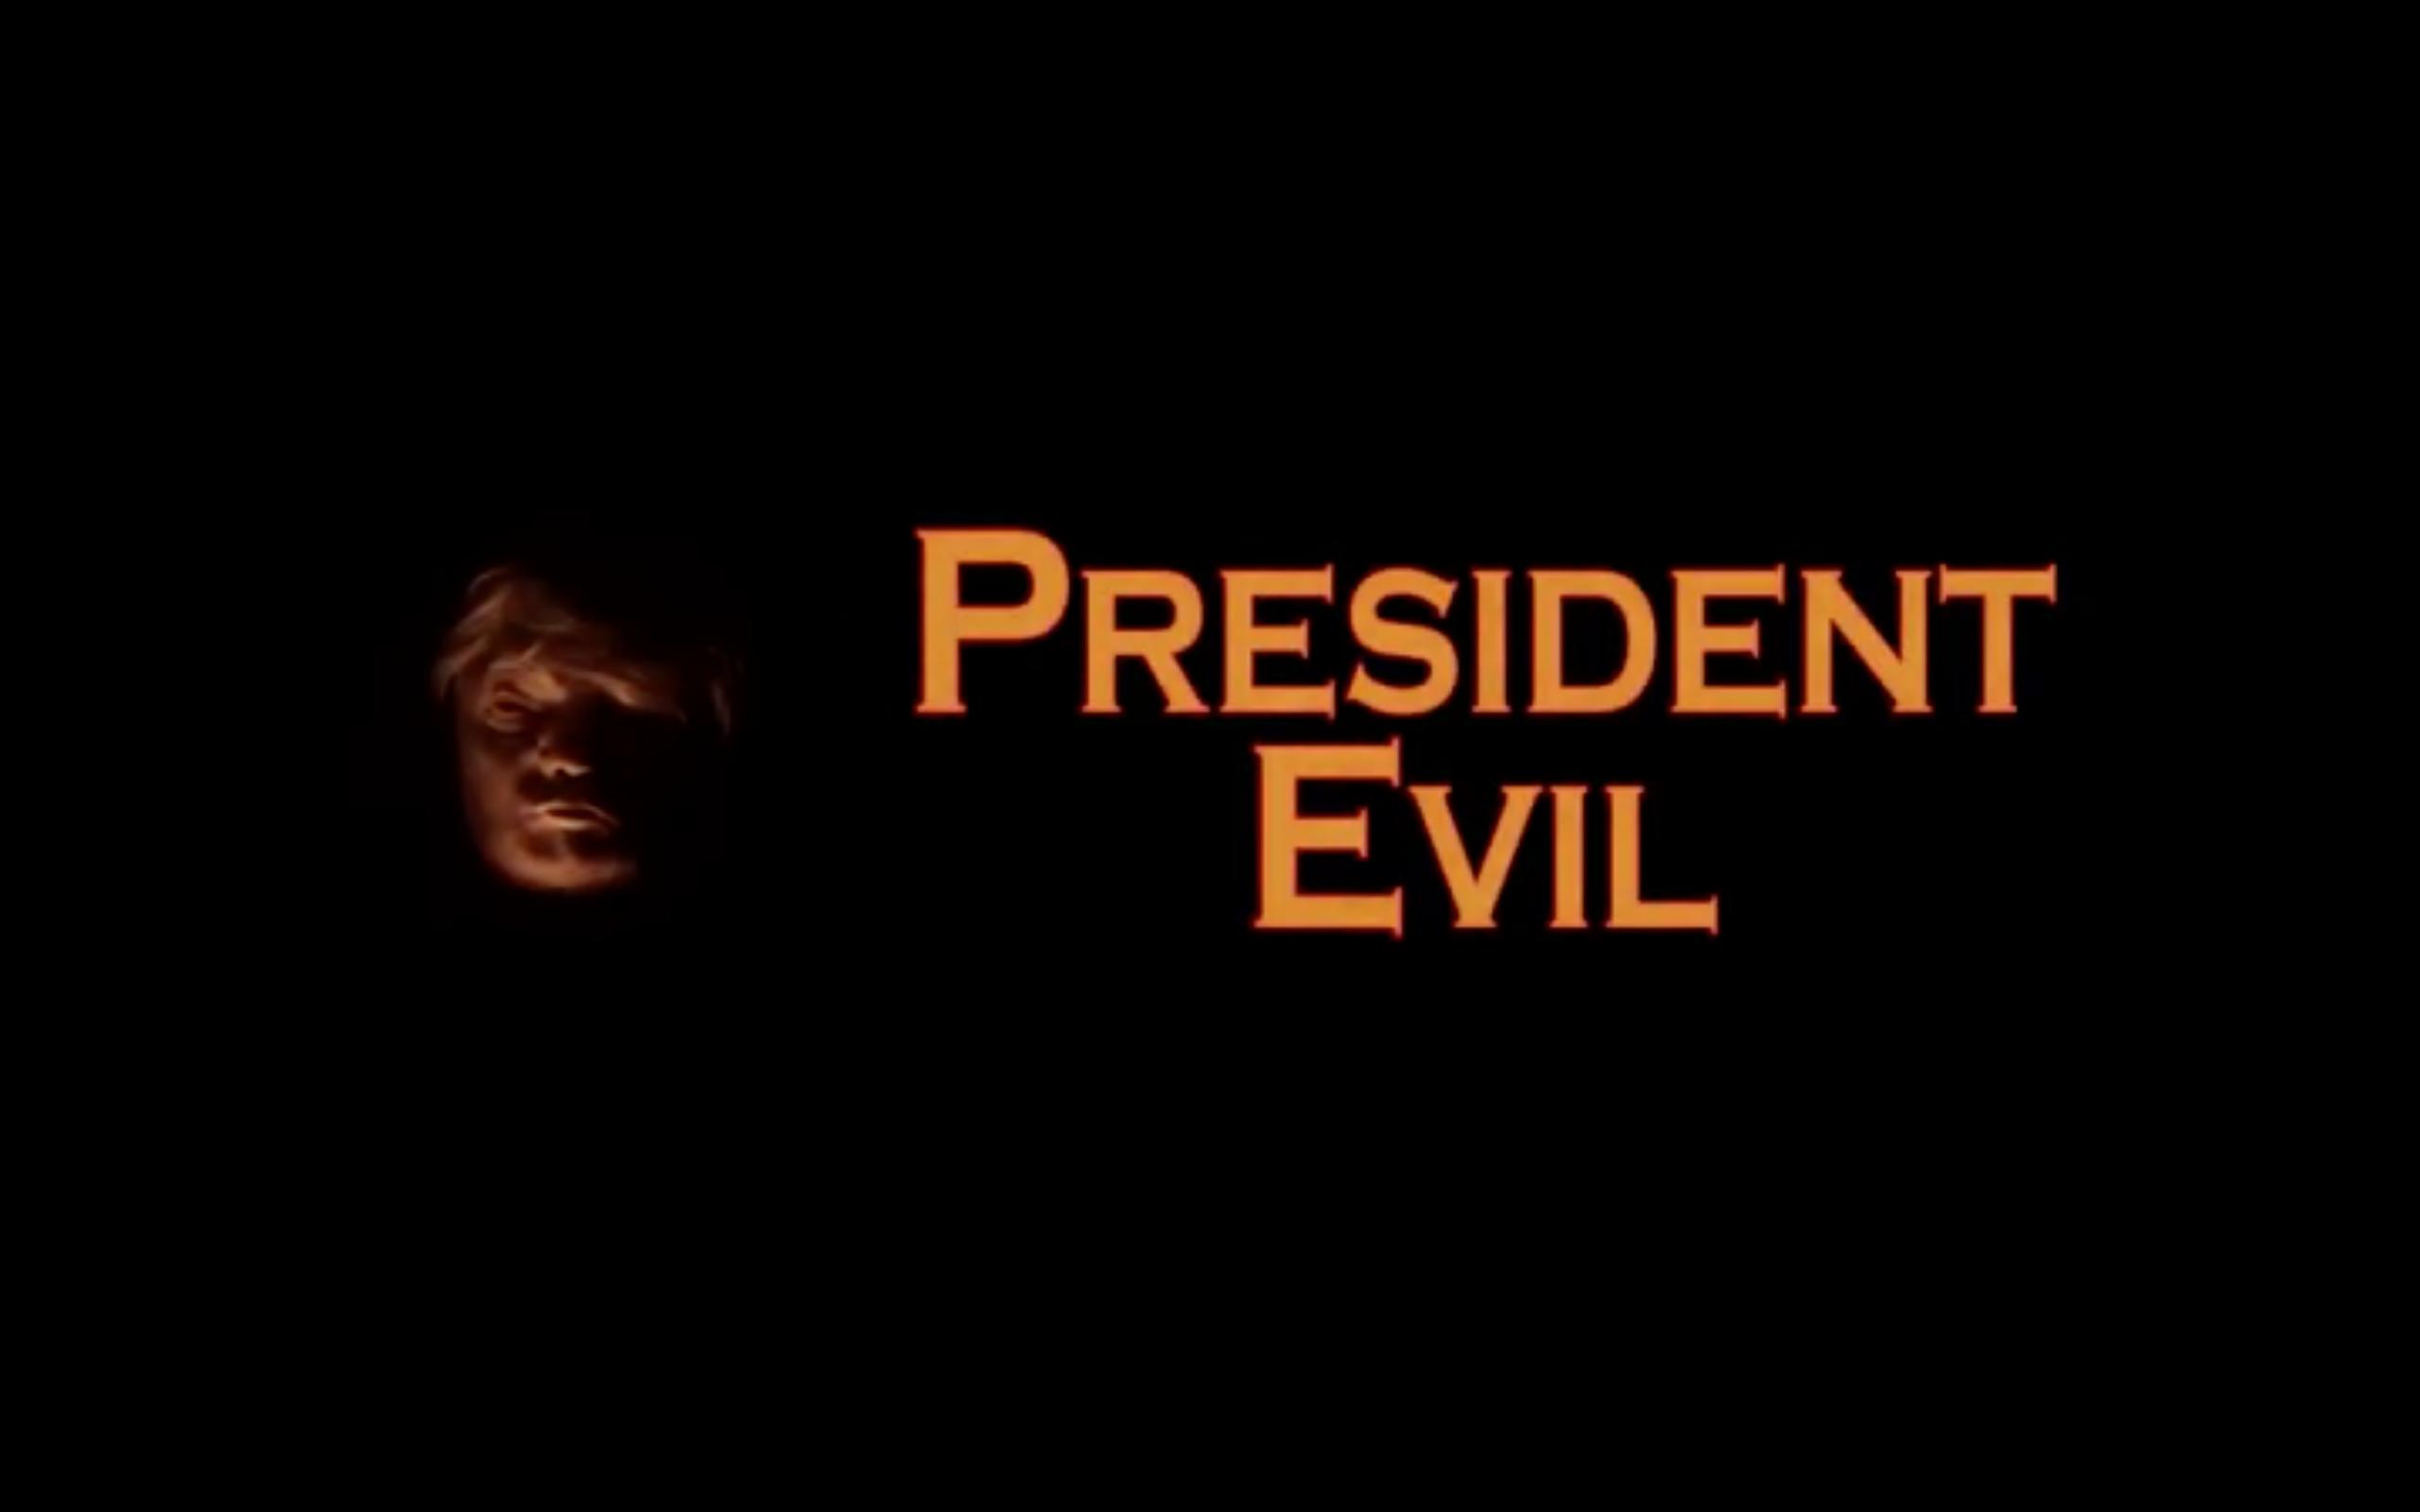 president evil 2018 horror comedy